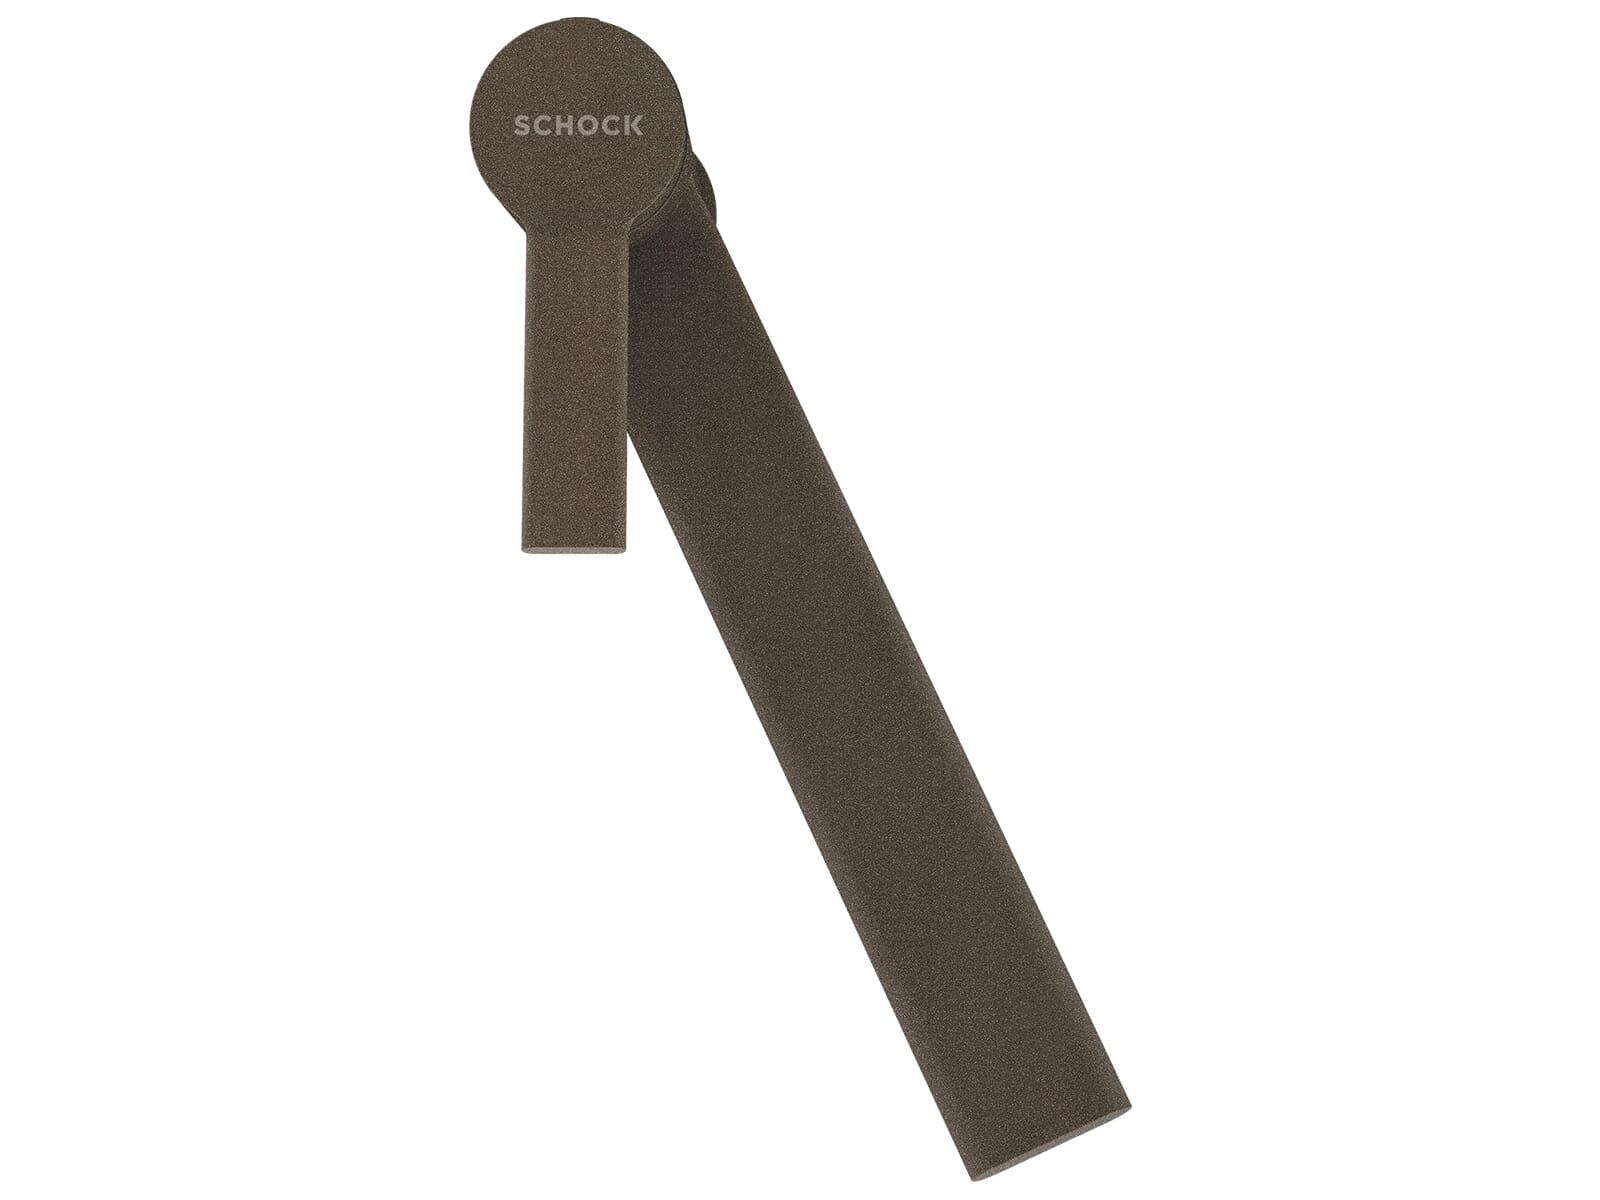 Schock Papilio Bronze - 588000BRO Hochdruckarmatur